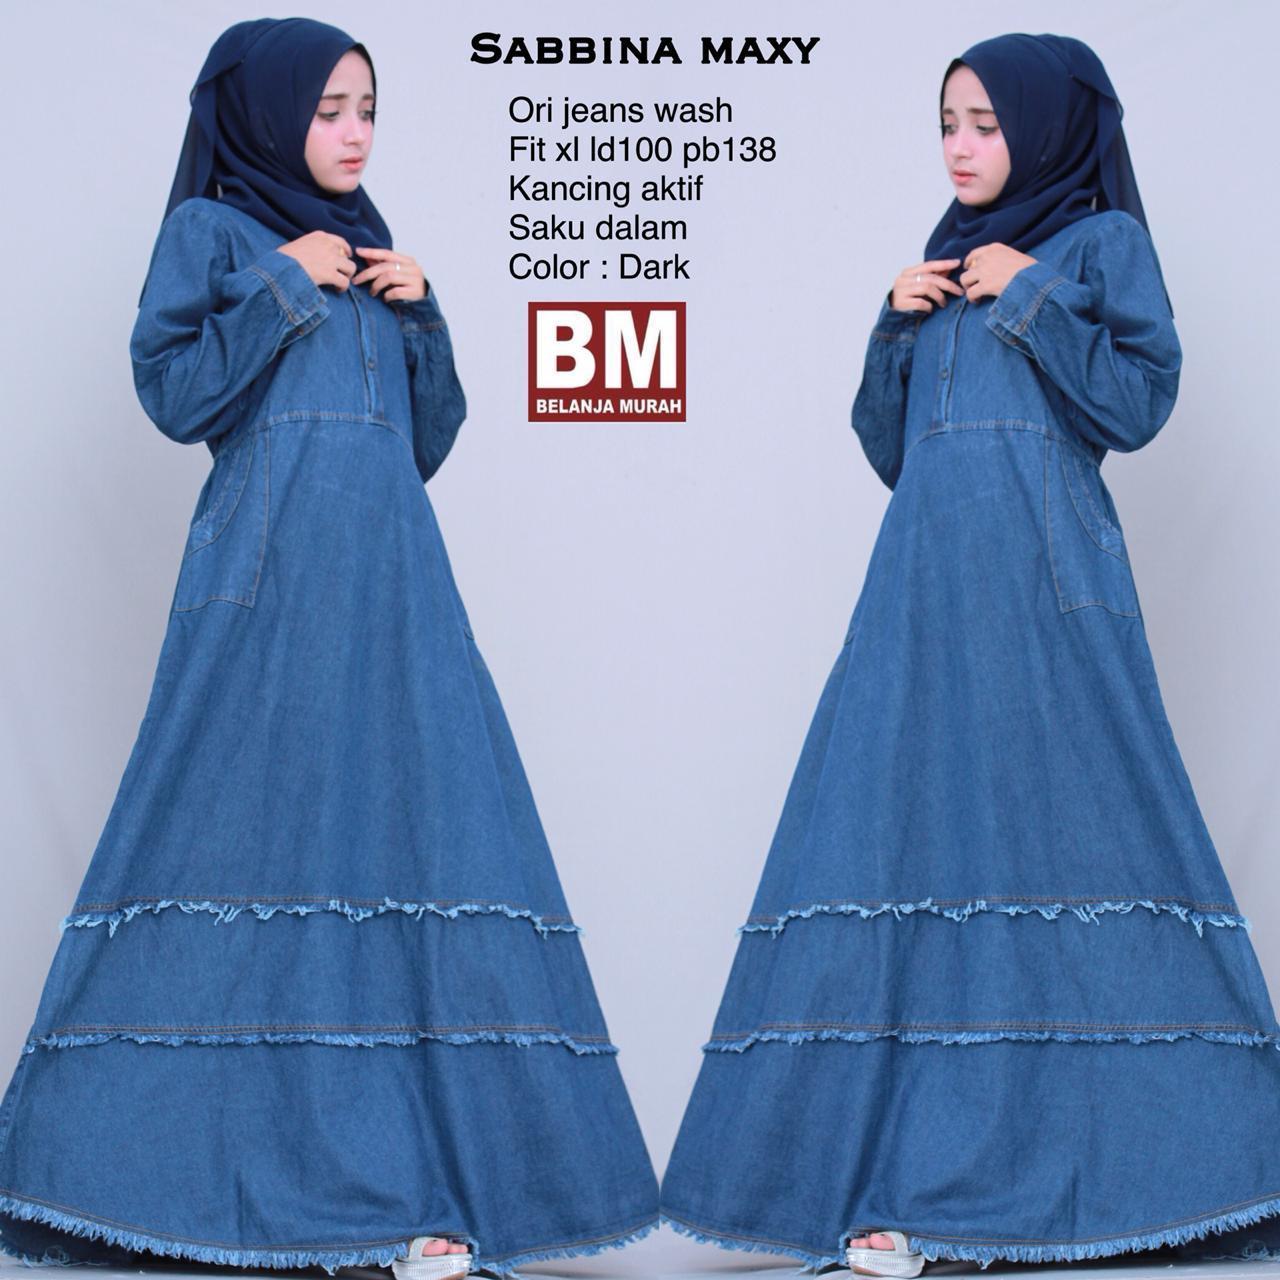 Sabbina Maxy - Maxy Dress - Gamis Jeans - Gamis Model Terbaru - Baju Muslim Berkualitas